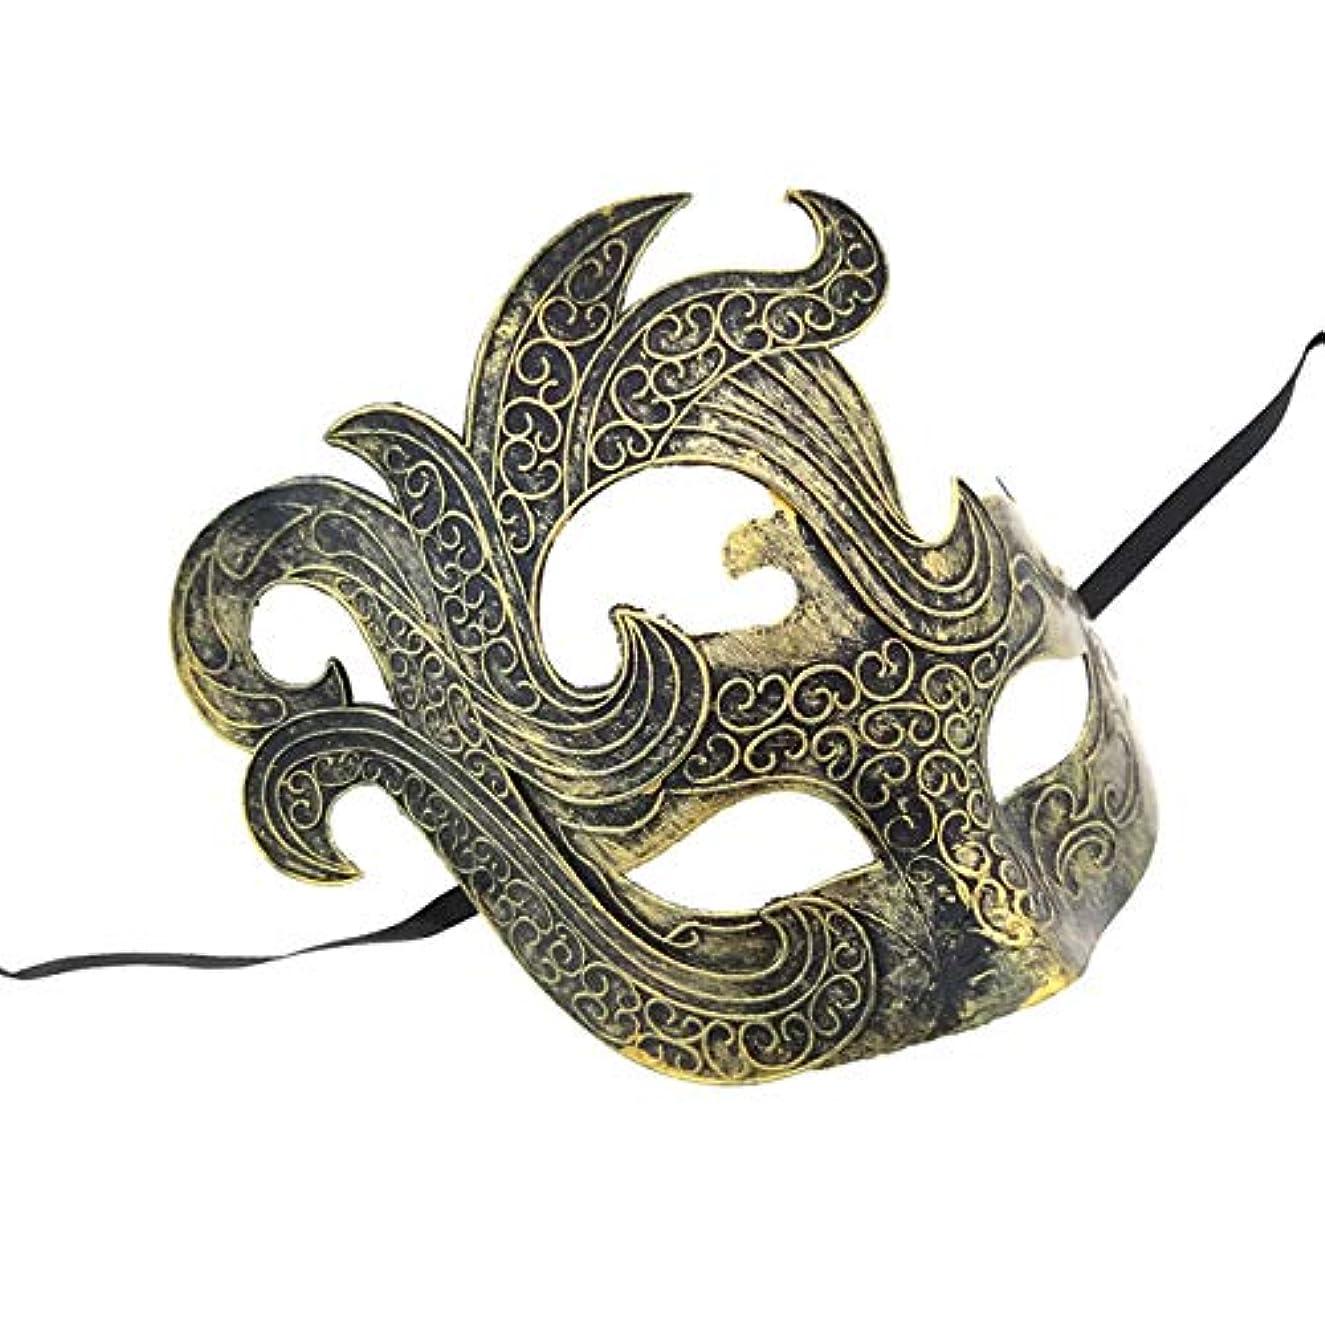 レトルトしなやかな失望させるレトロマスクプリンセスマスクカーニバル祭りパーティーレトロマスク